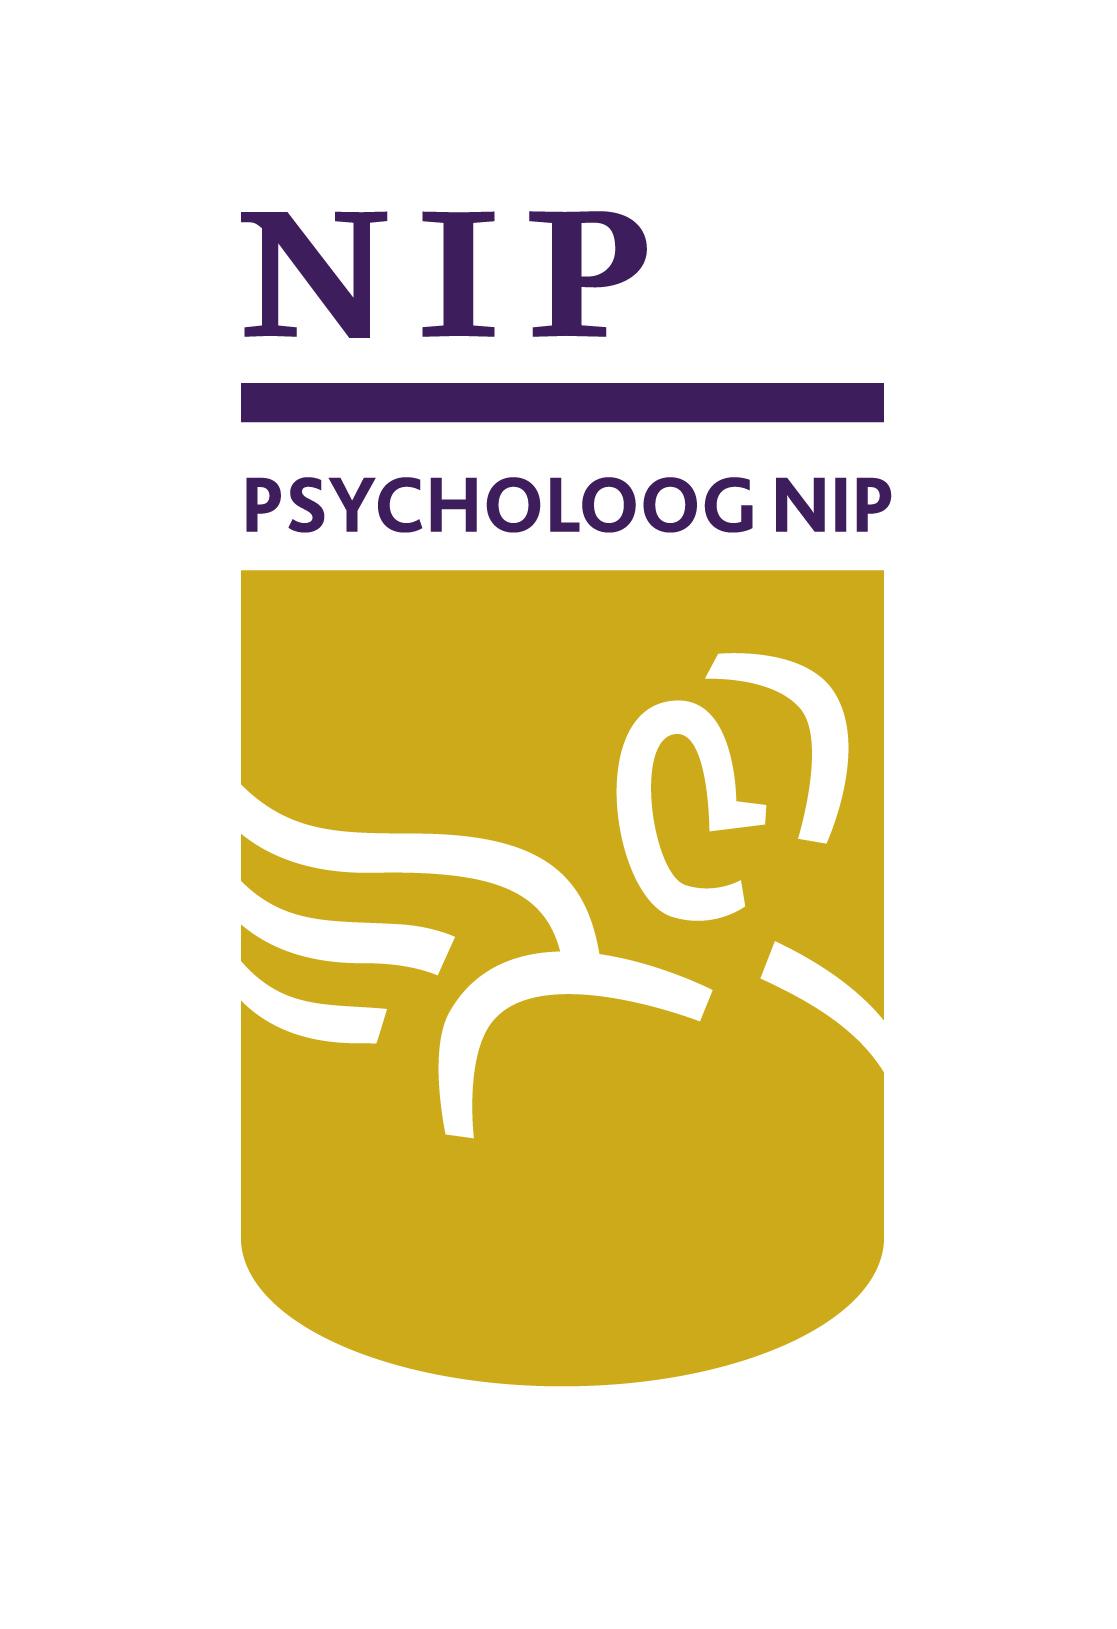 Afbeeldingsresultaat voor nip psycholoog logo